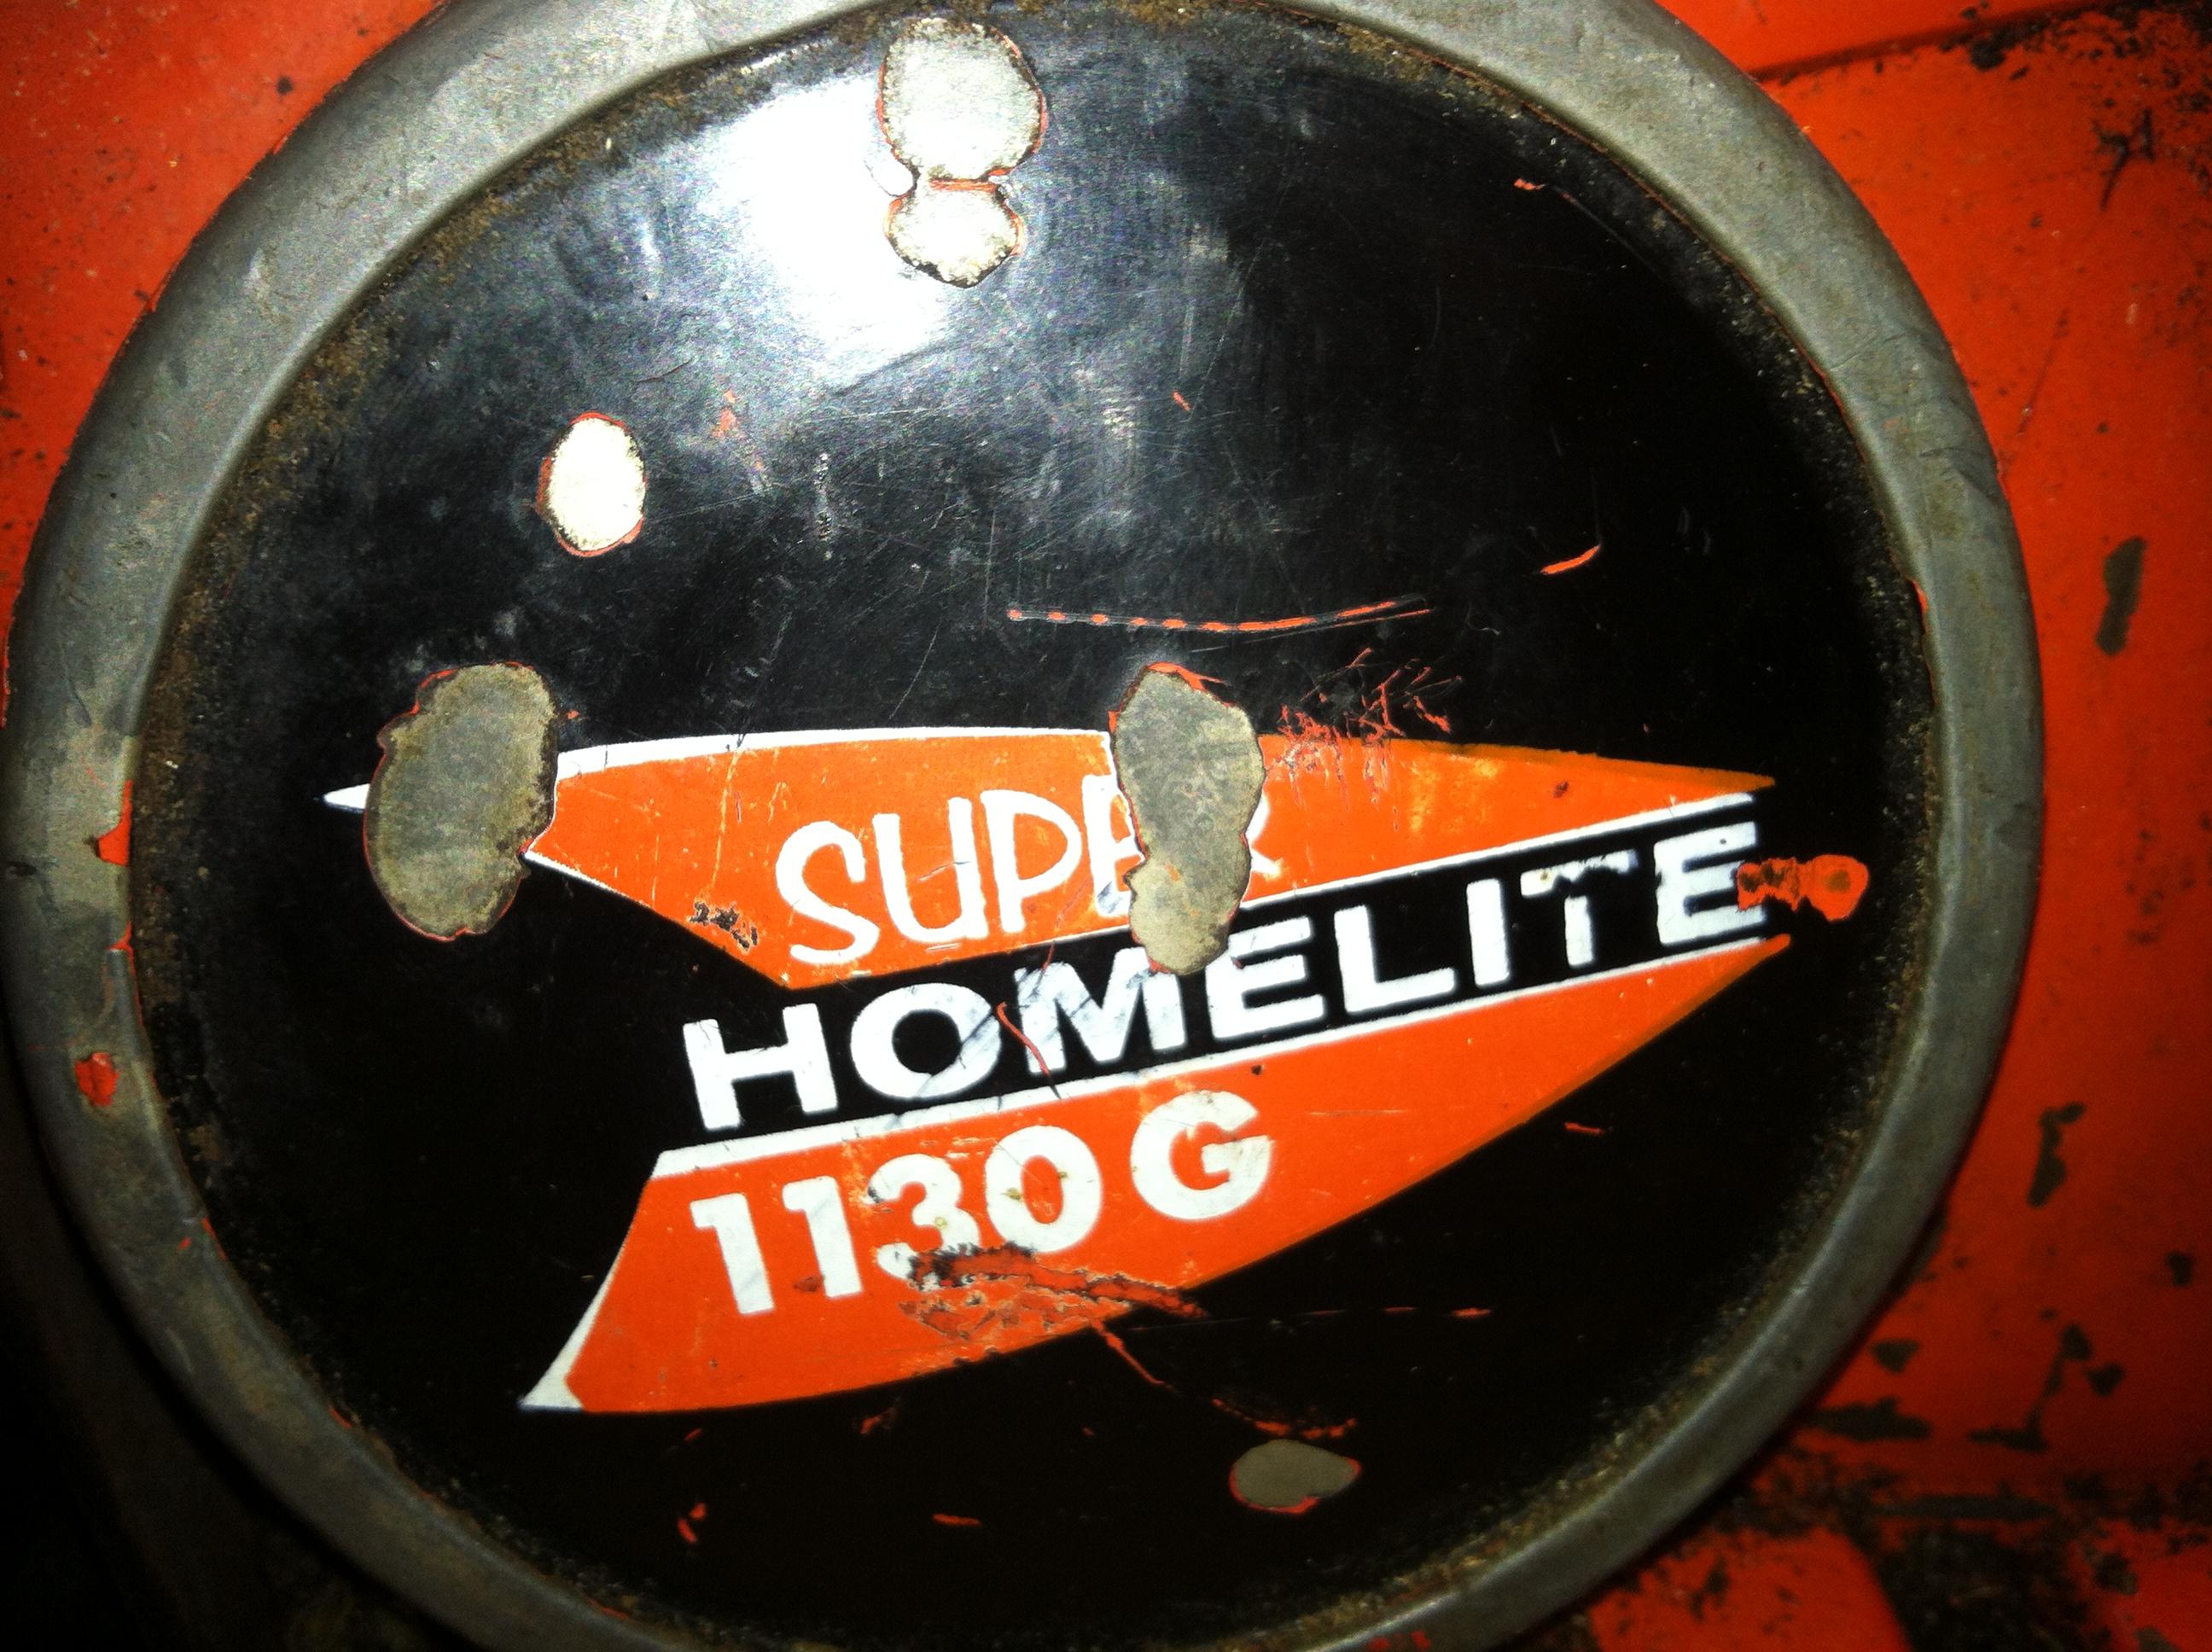 Homelite 1130G Super pic 10